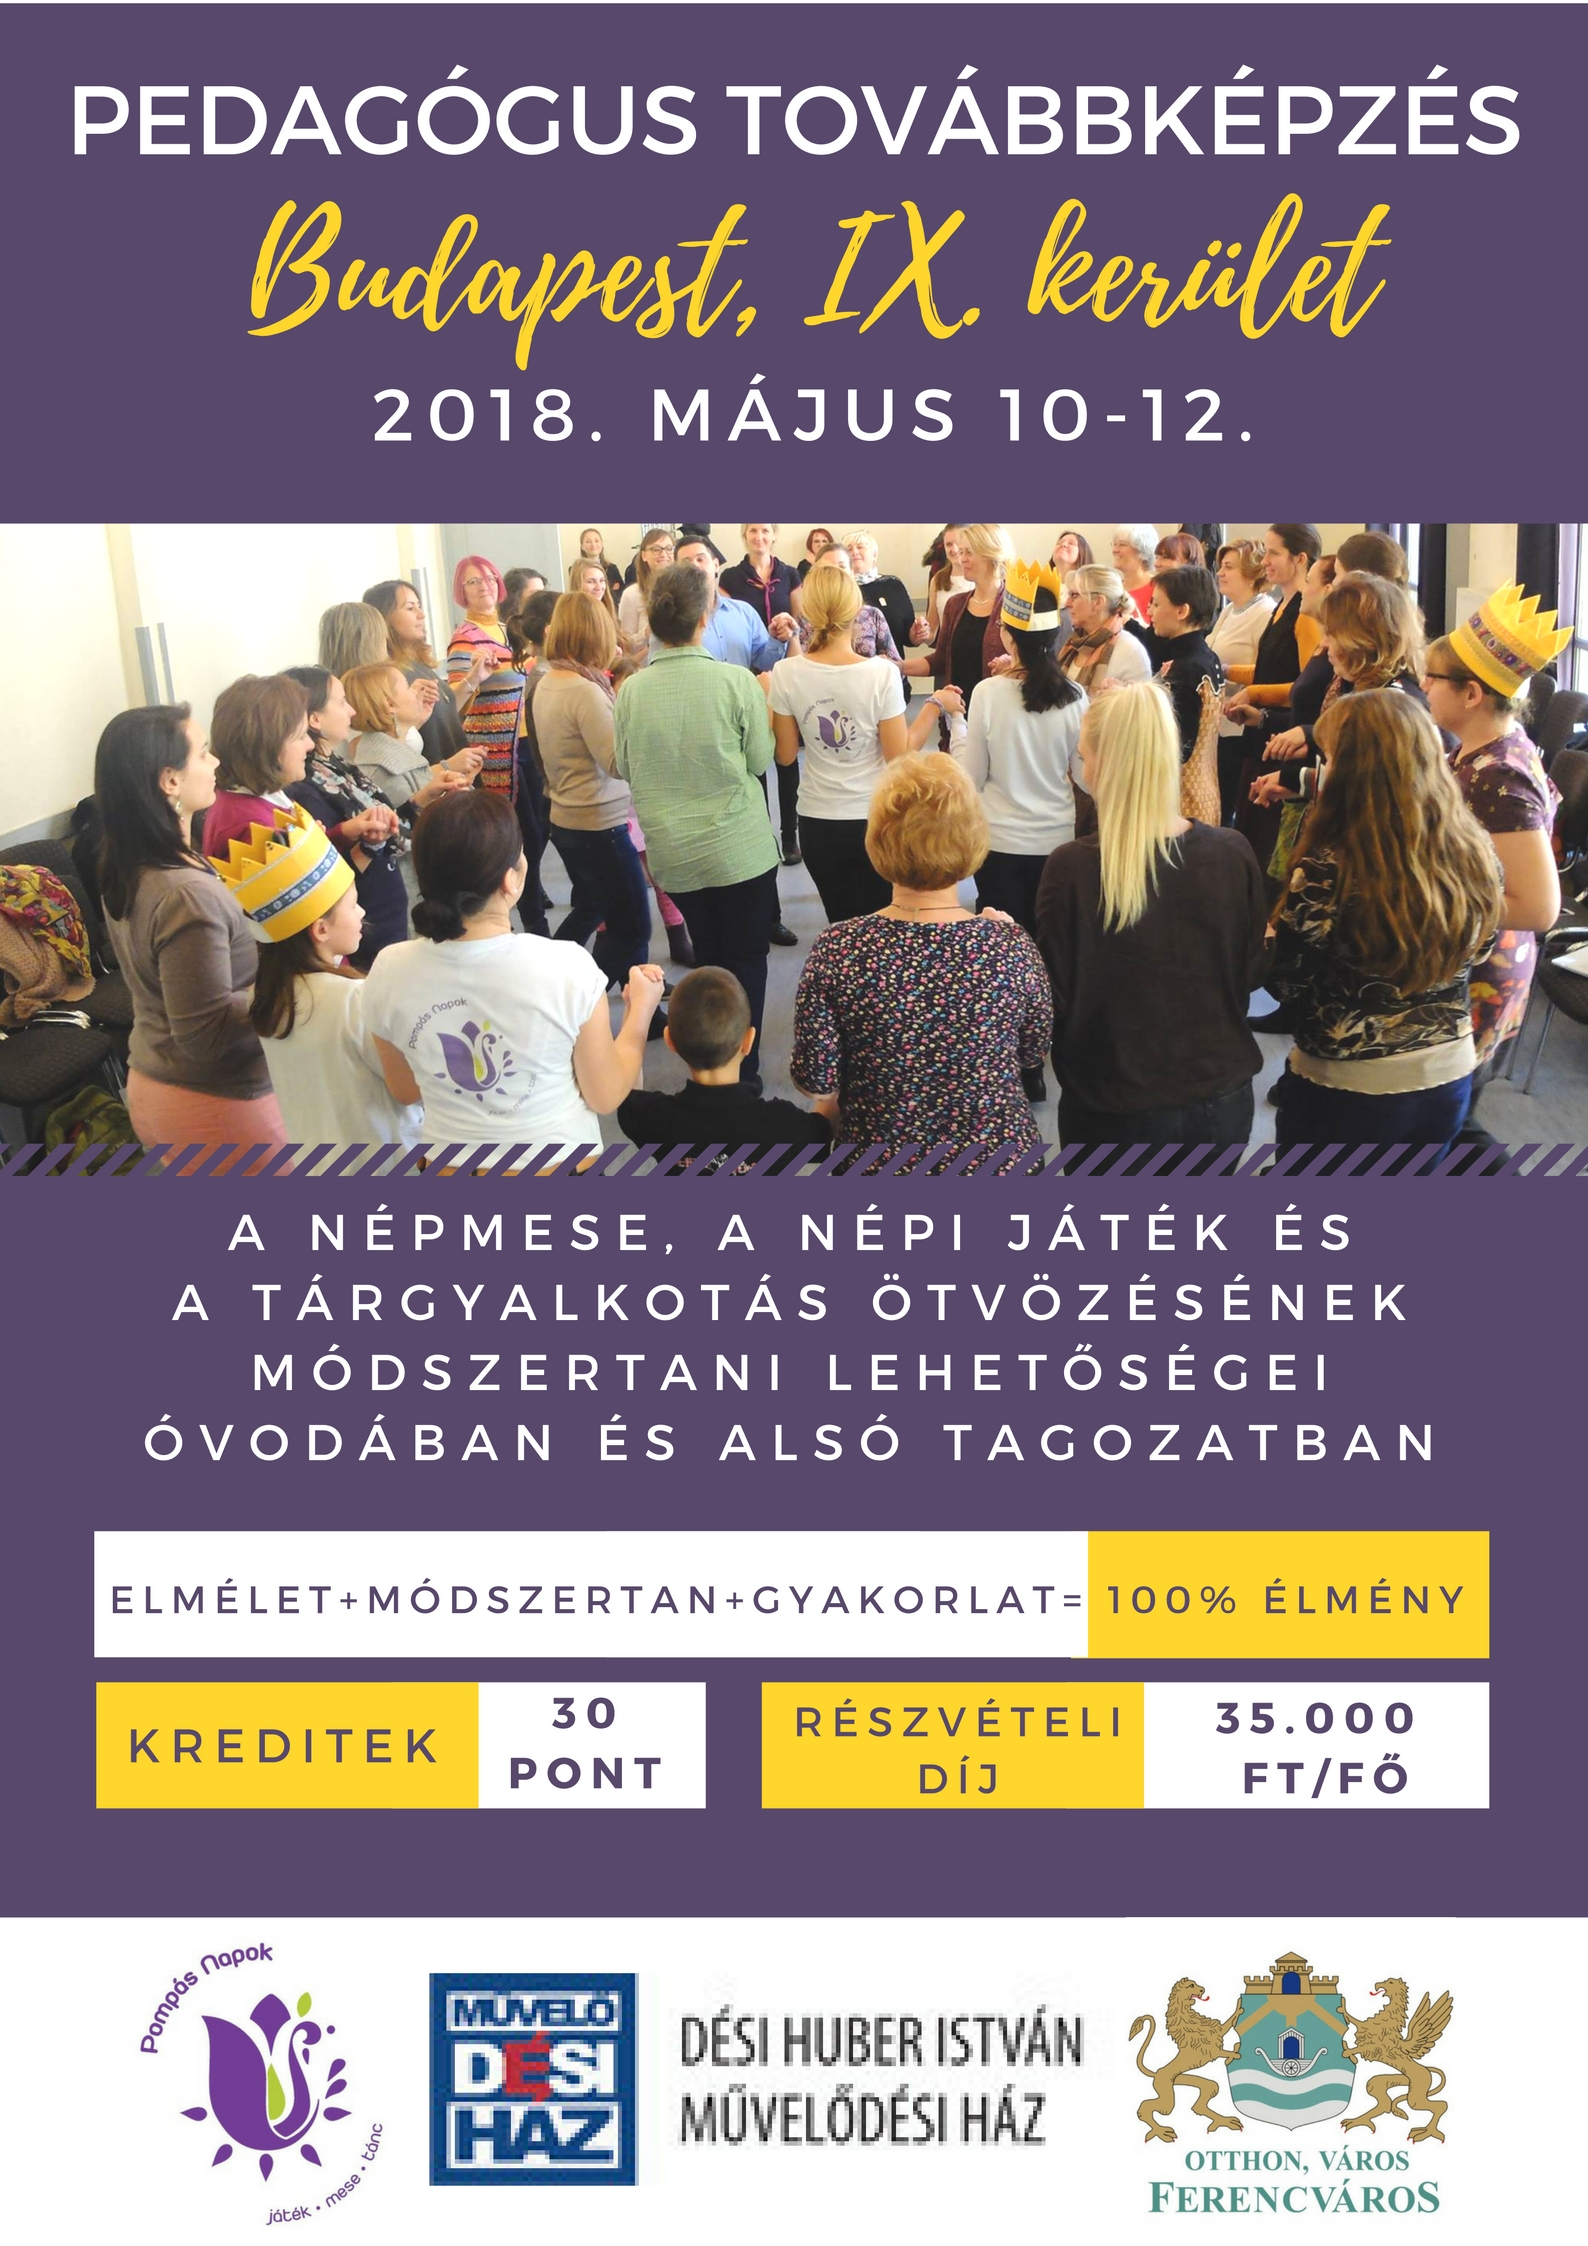 pedagogus_tovabbkepzes_majus_10-12.jpg